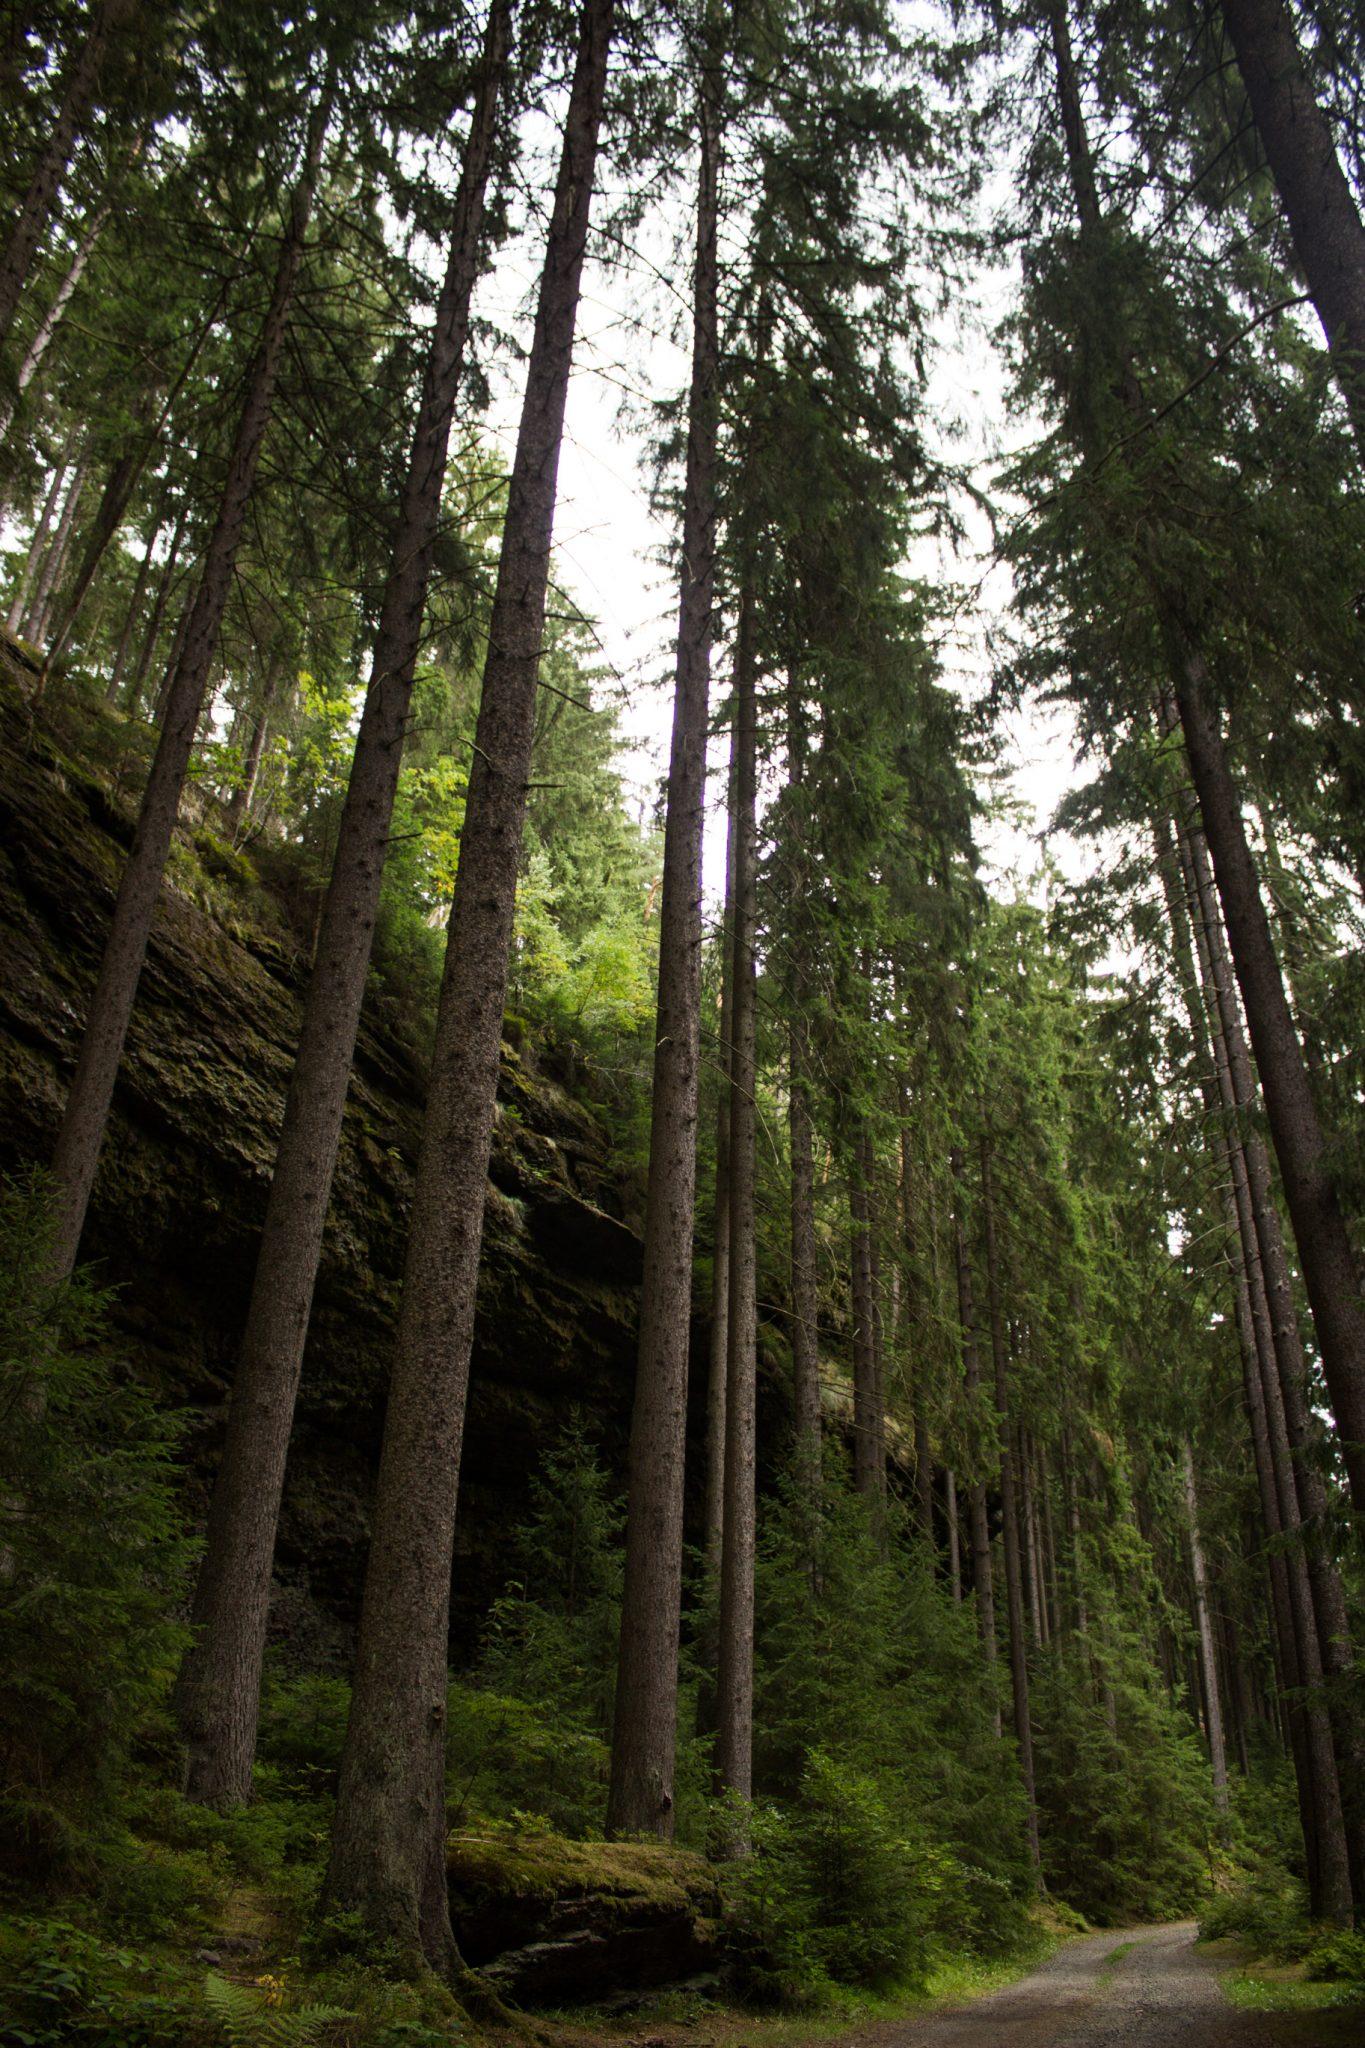 Marderschlucht wandern bei Tambach-Dietharz, schöner Wanderweg durch dichten, grünen Wald entlang Marderbach und Tal, große Felswände, hohe Bäume